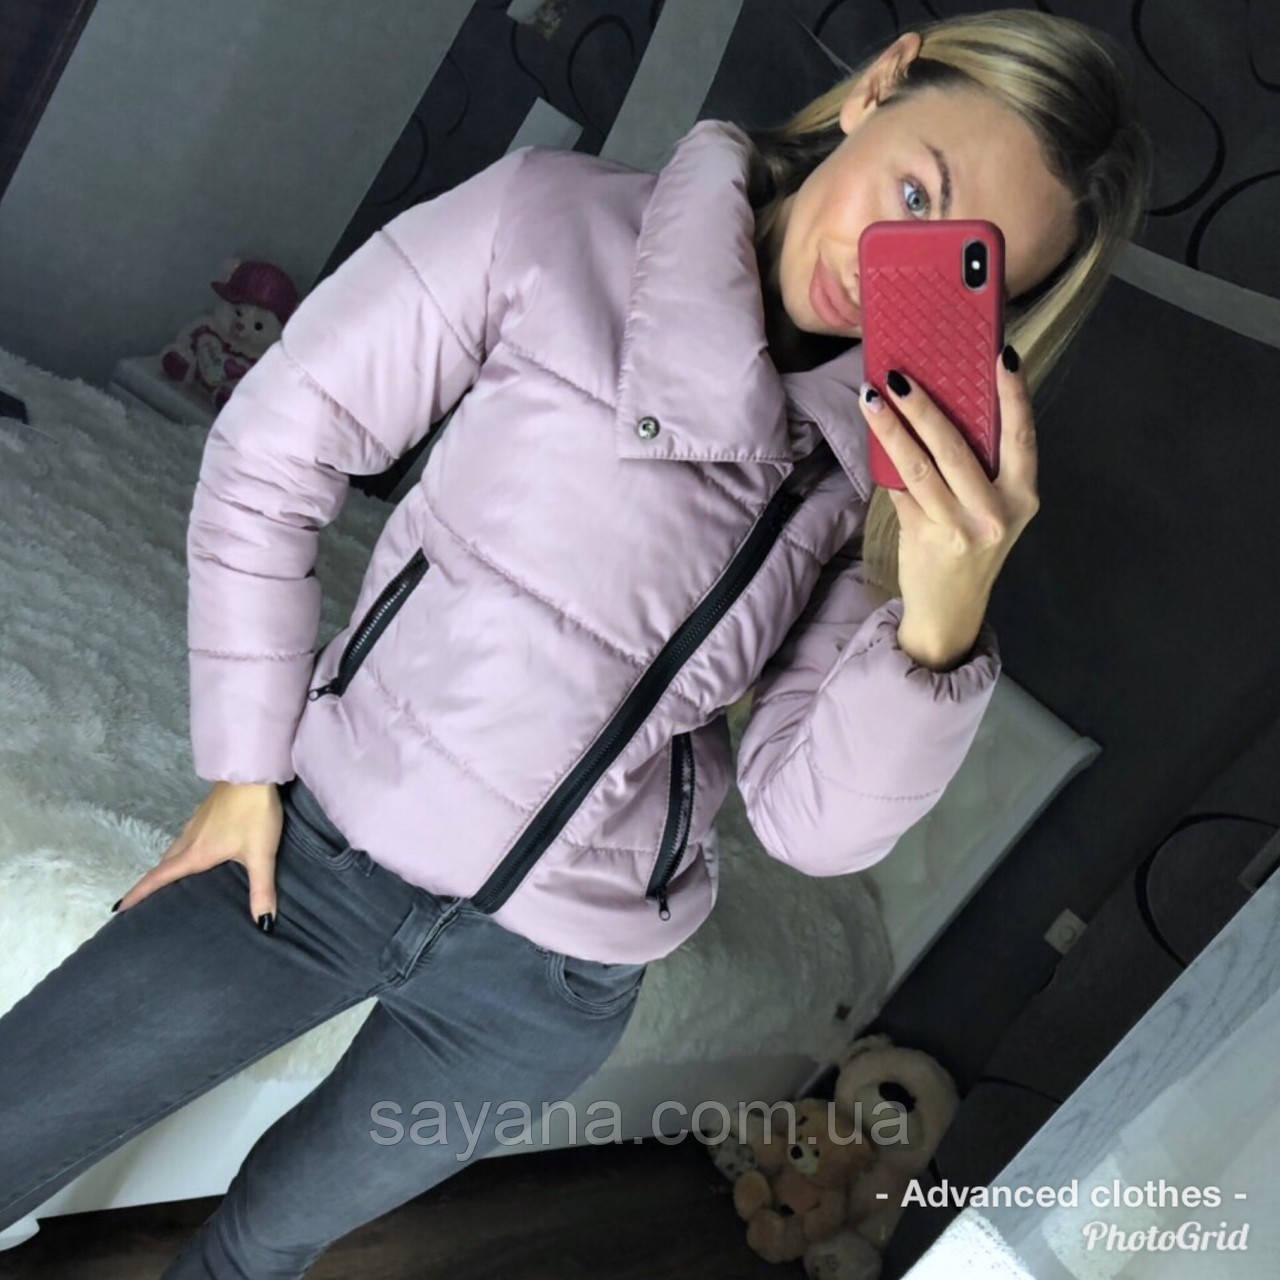 Женская зимняя куртка с высоким воротником на кнопке в расцветках. ДС-43-1118